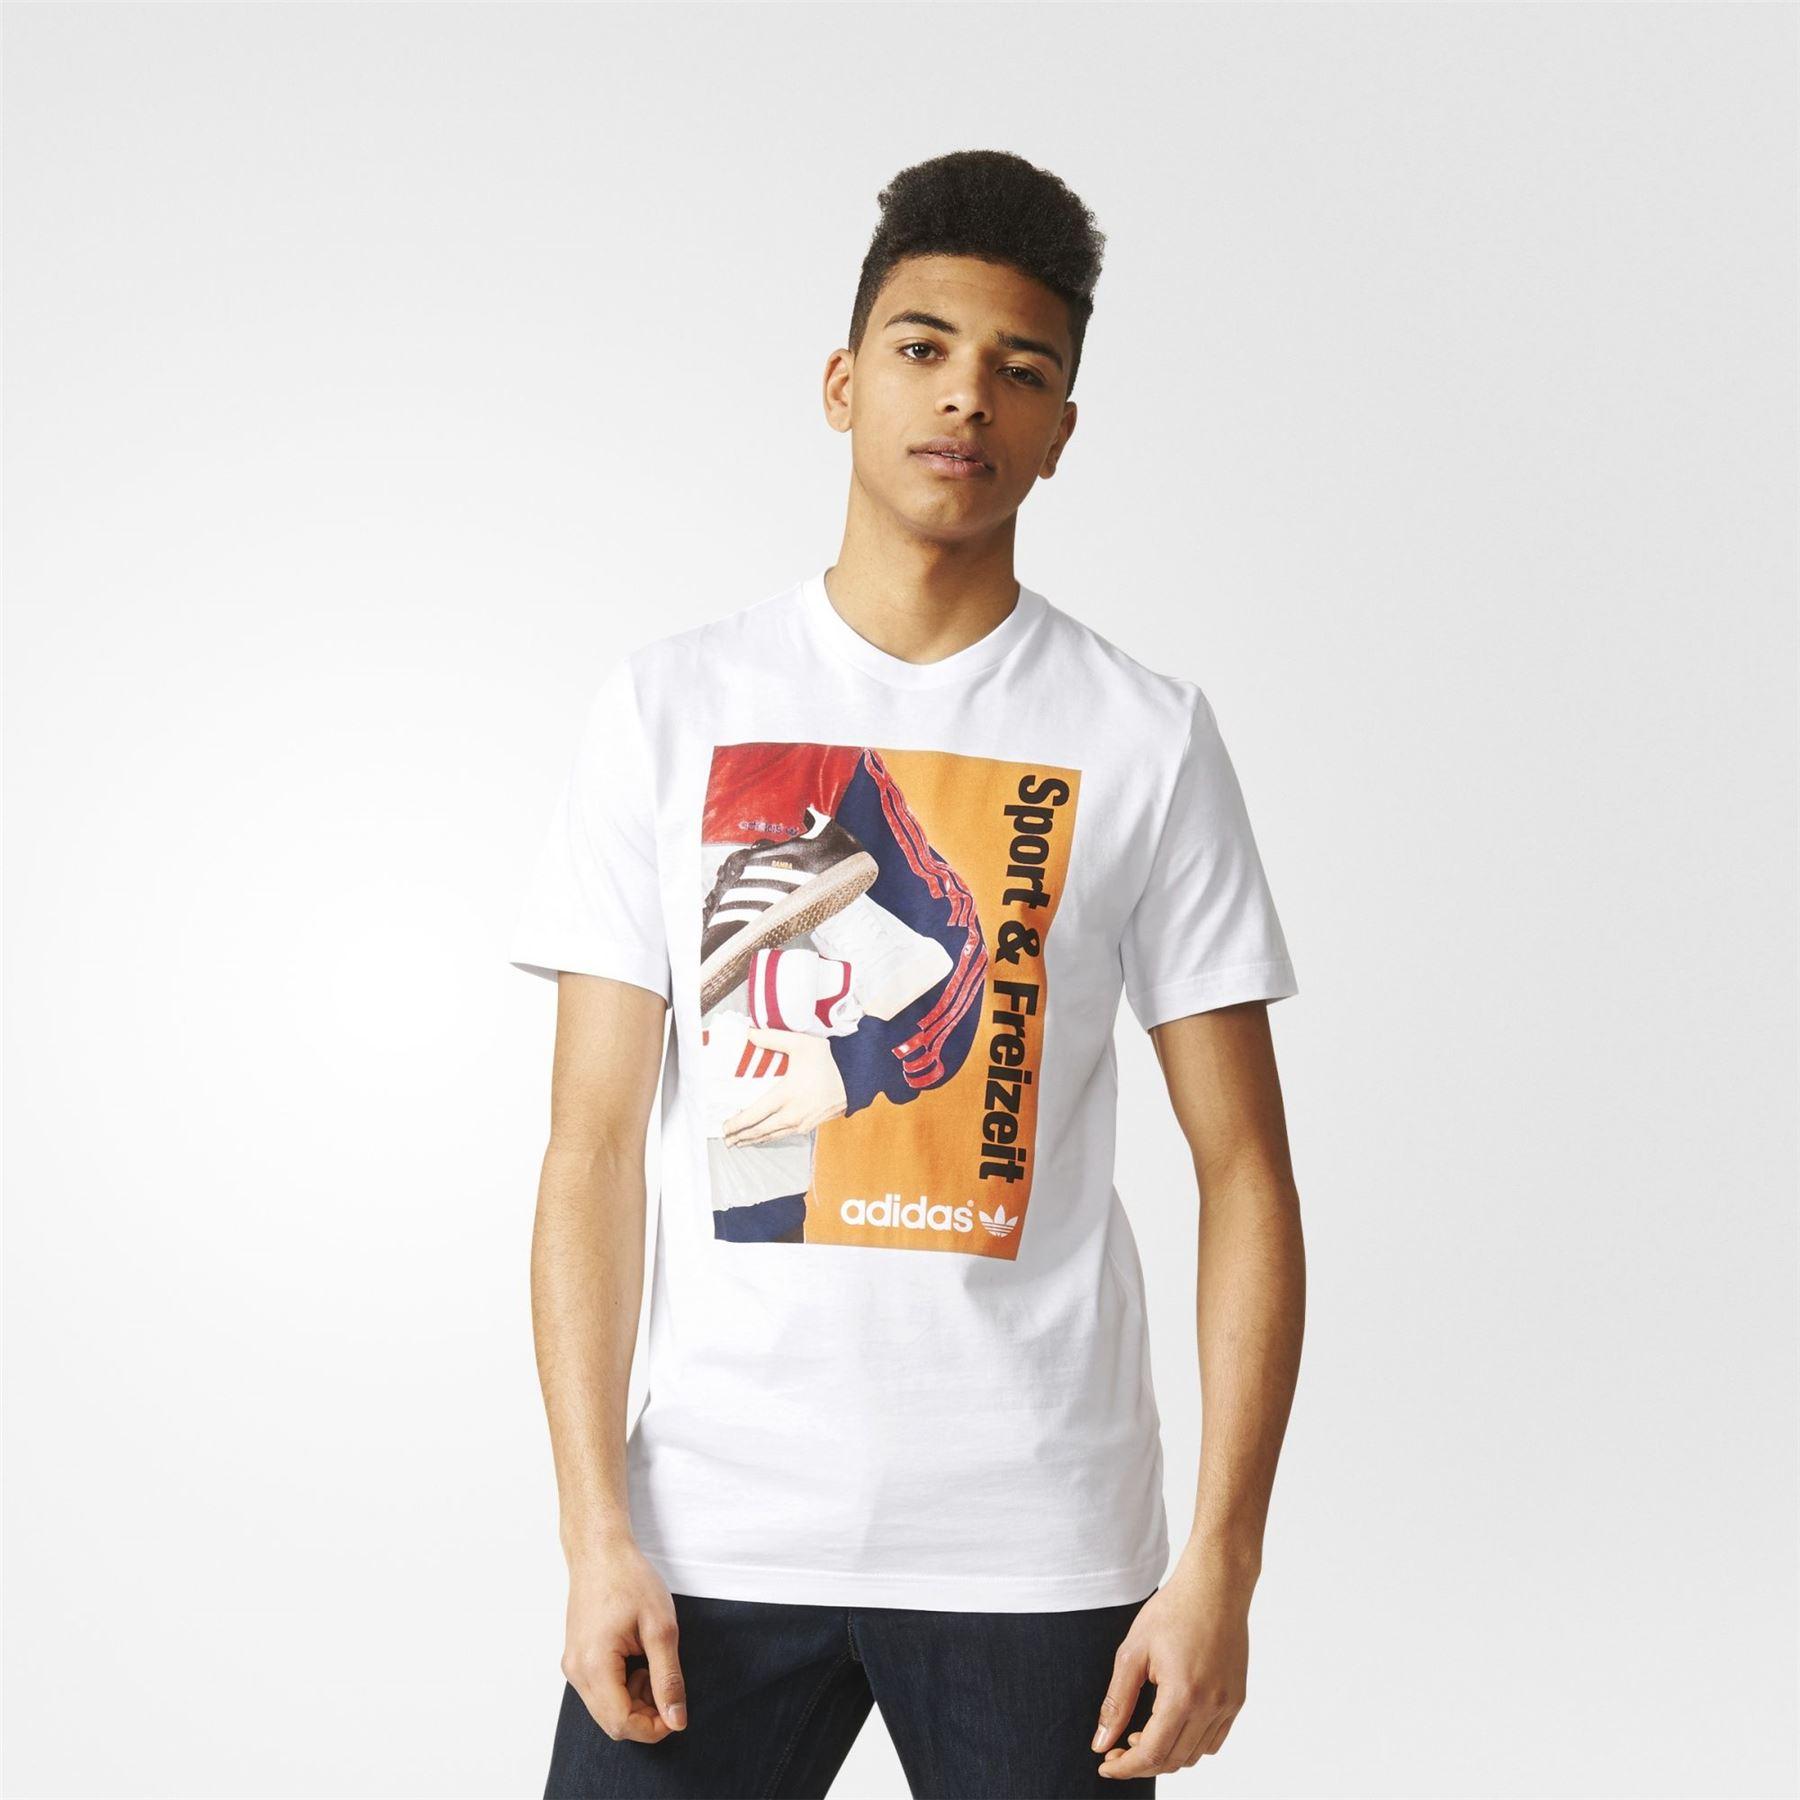 Catalogue Homme Shirt T Original' De Photo Blanc Adidas 70s Cou Ras 7E1wfn